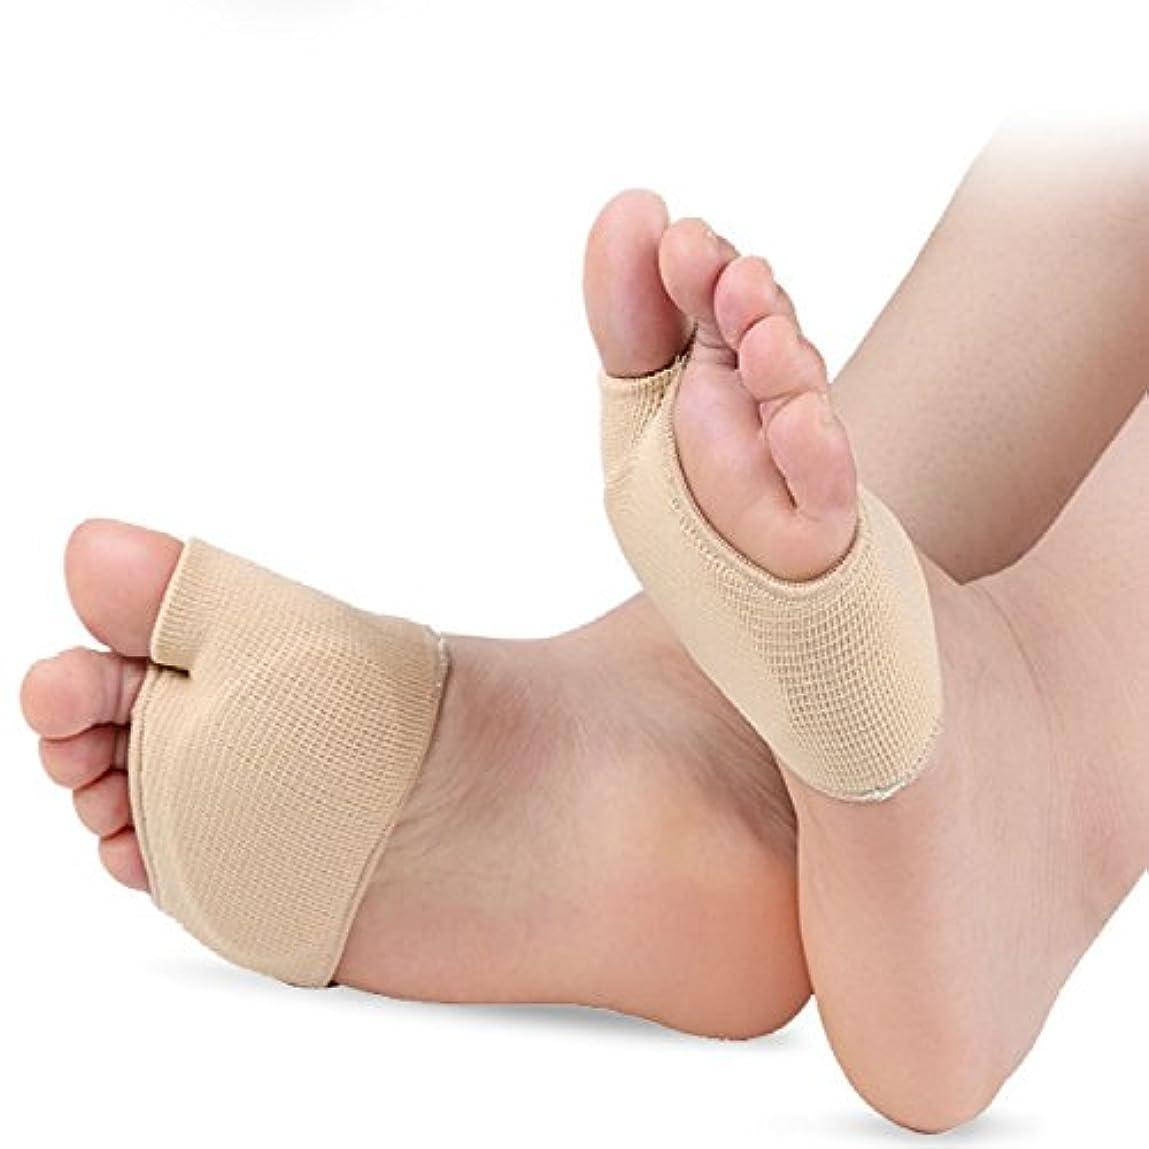 適格団結ヘッジ種子骨 保護 サポーター 足裏 パッド クッション 足底 痛み 外反母趾サポーターの支持者とクッションパッドセット 衝撃吸収 (Lサイズ)